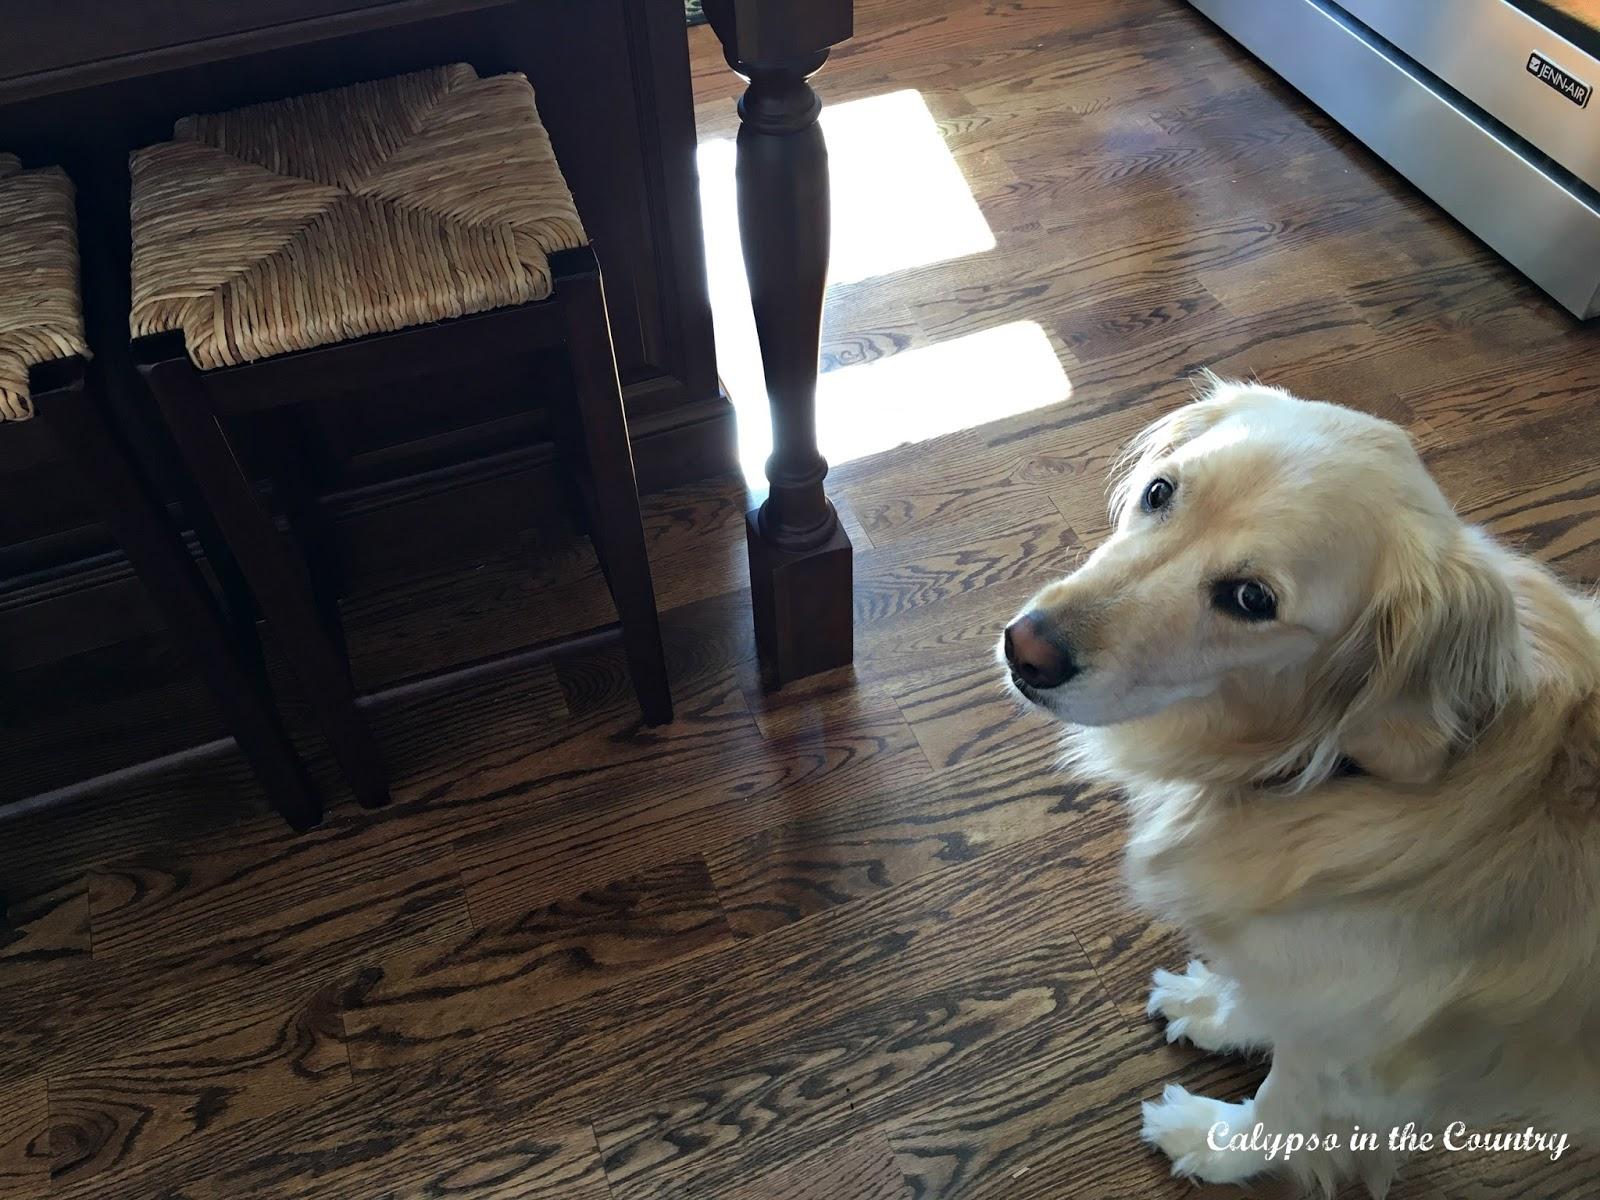 Golden retriever in the kitchen